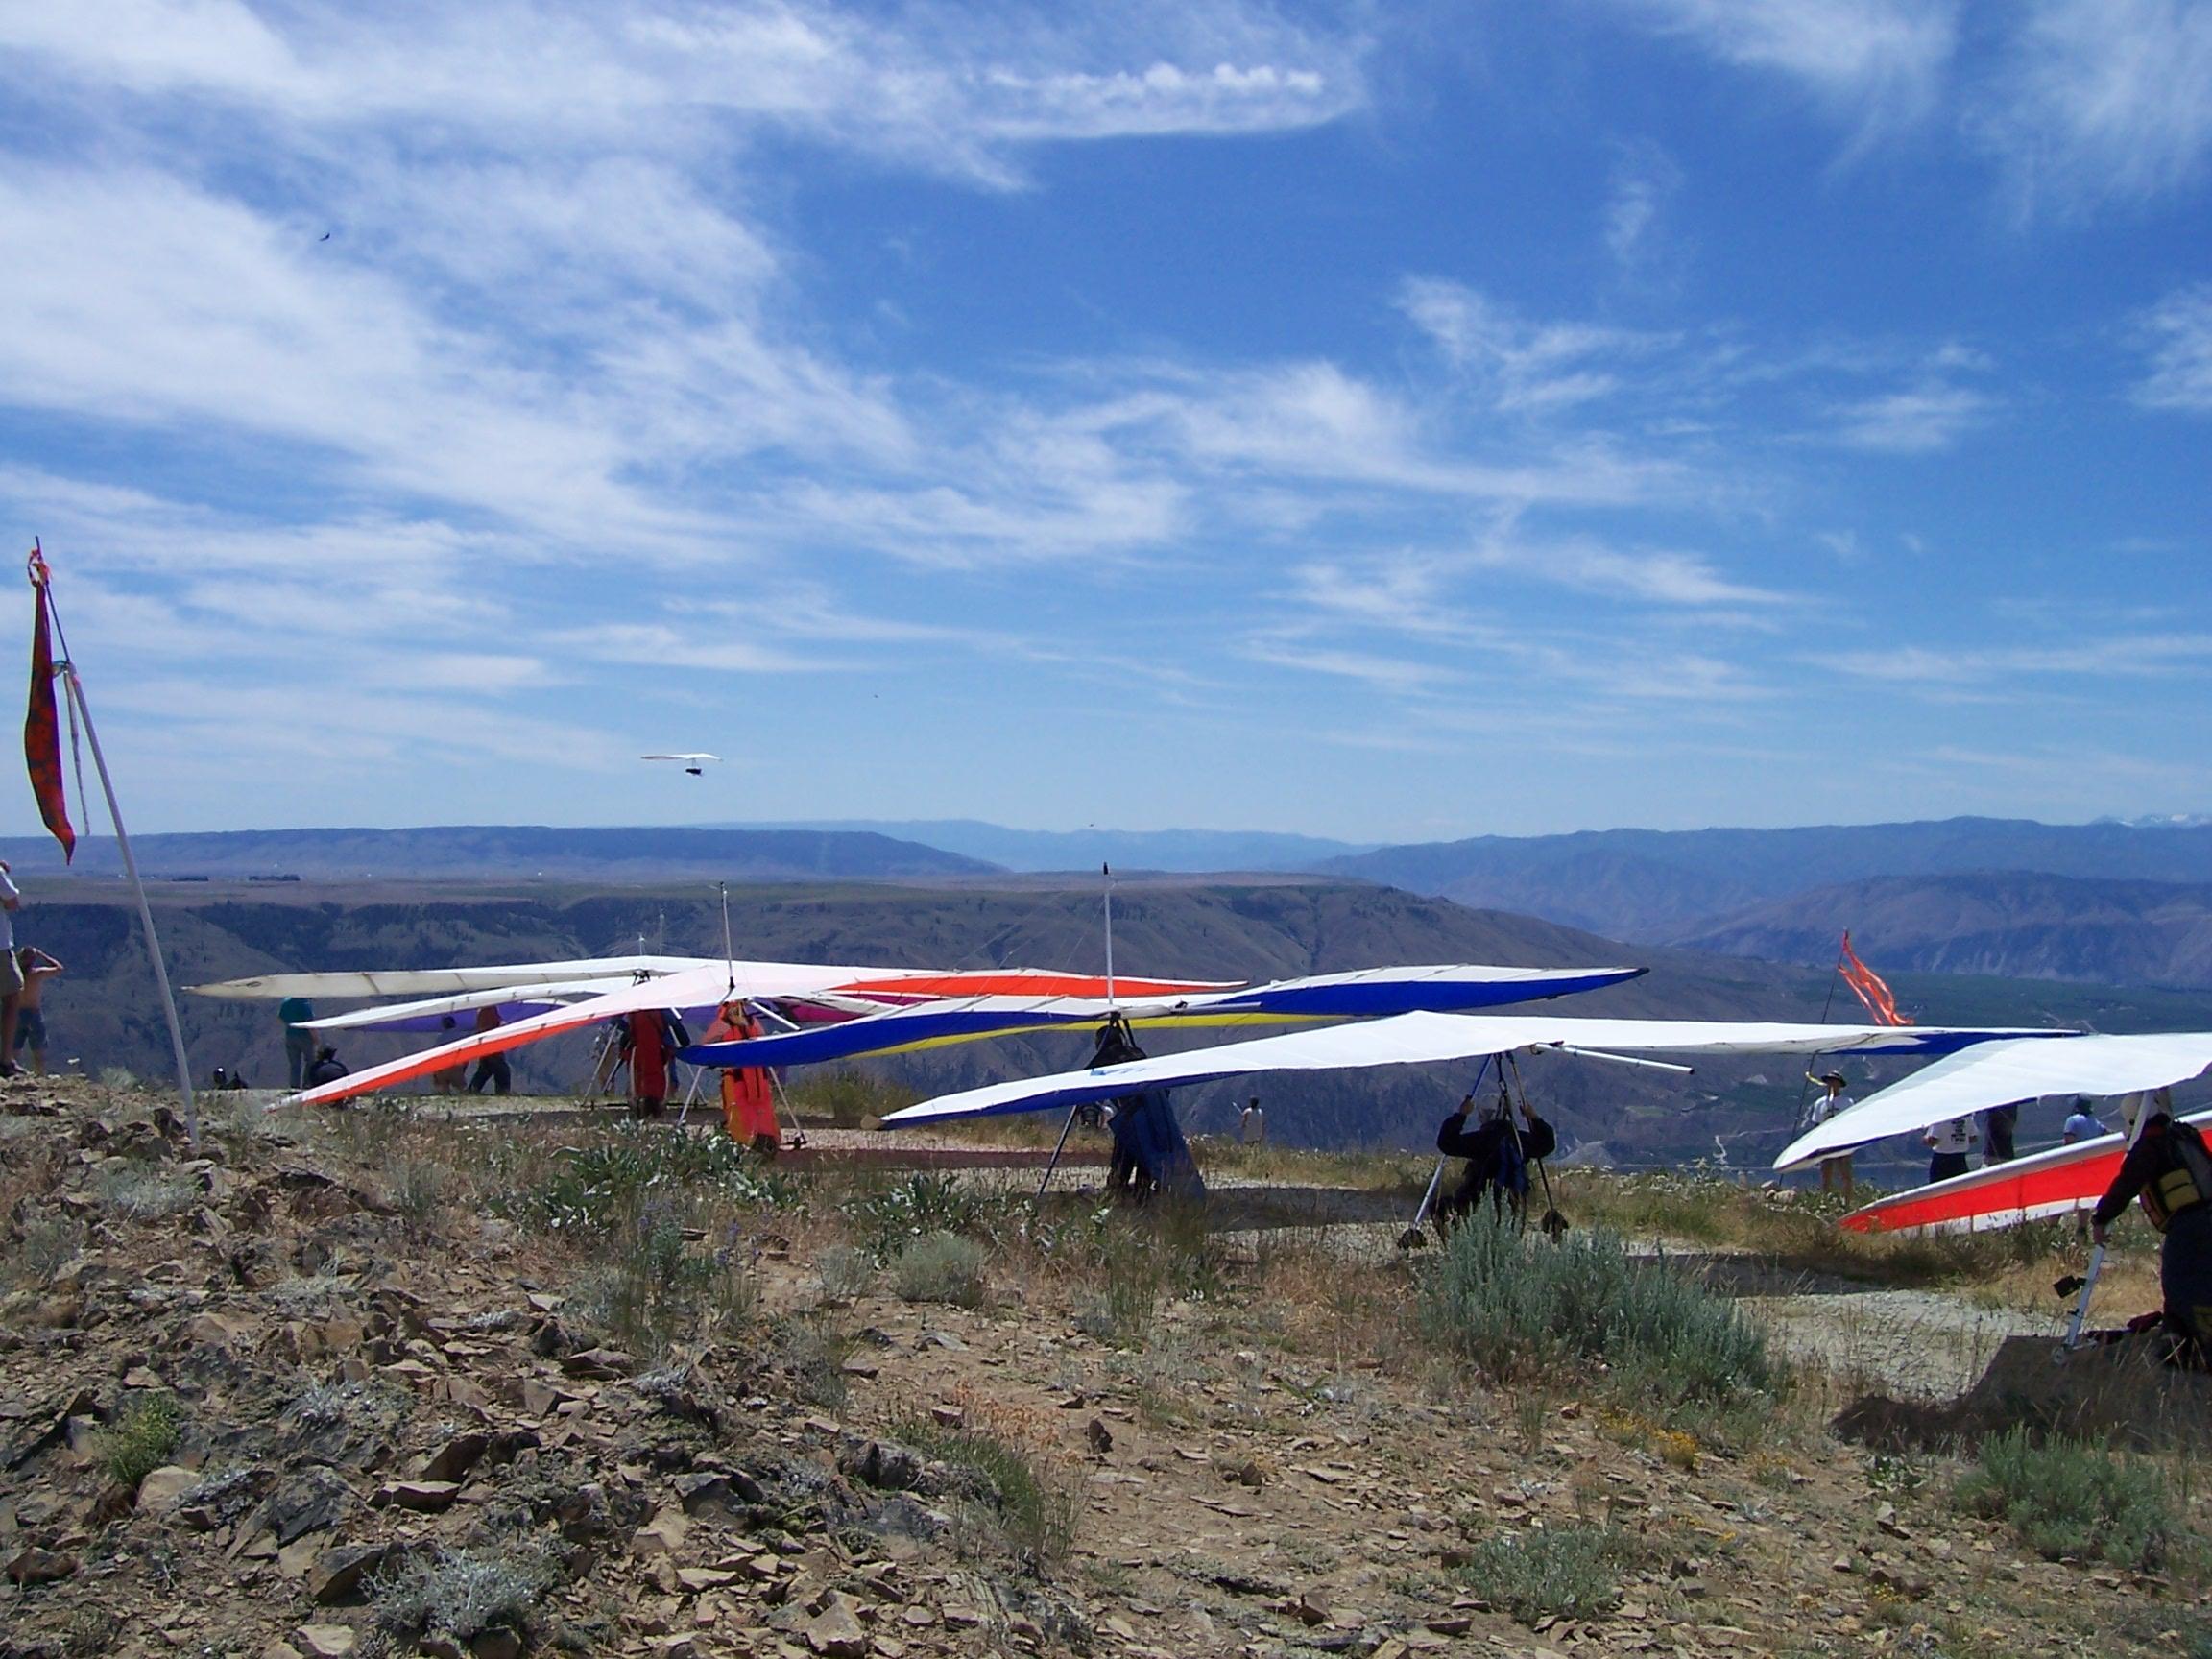 Image: Hang Gliders